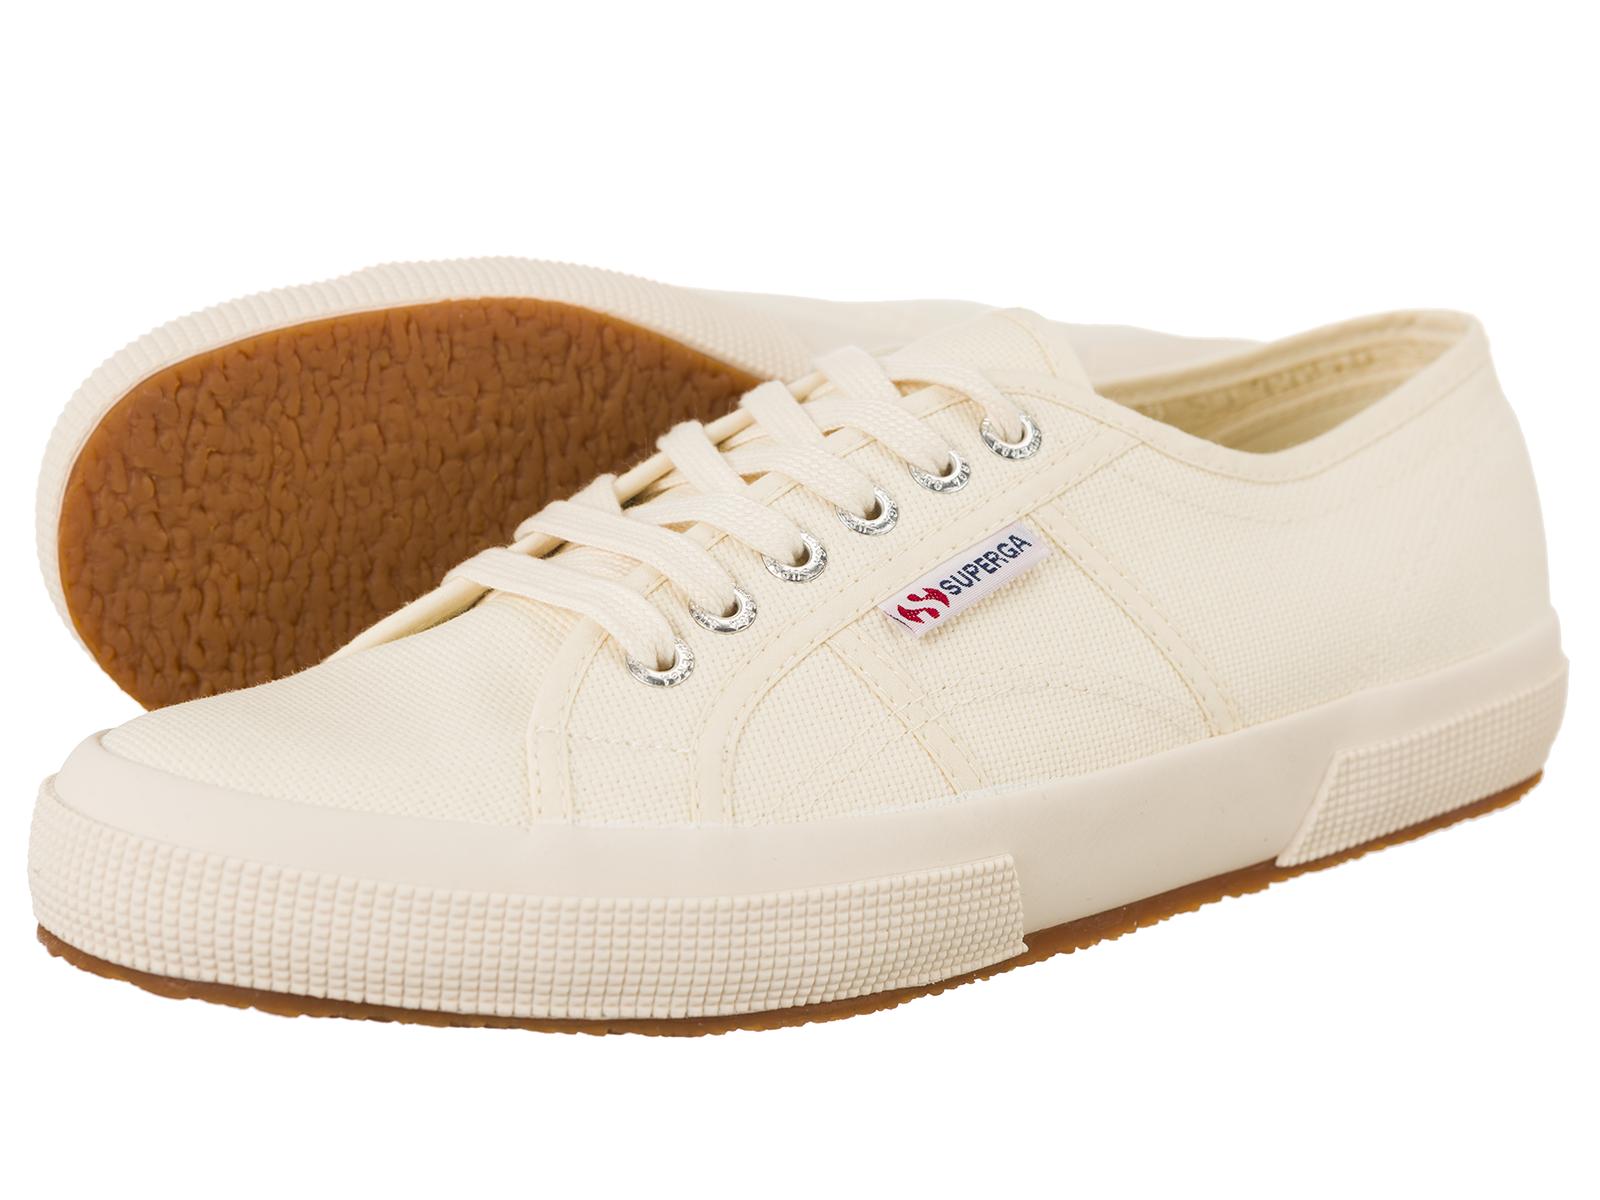 Superga 2750 Cotu Classic Sneakers Unisex Adulto Beige Ecru 912 35 H0O